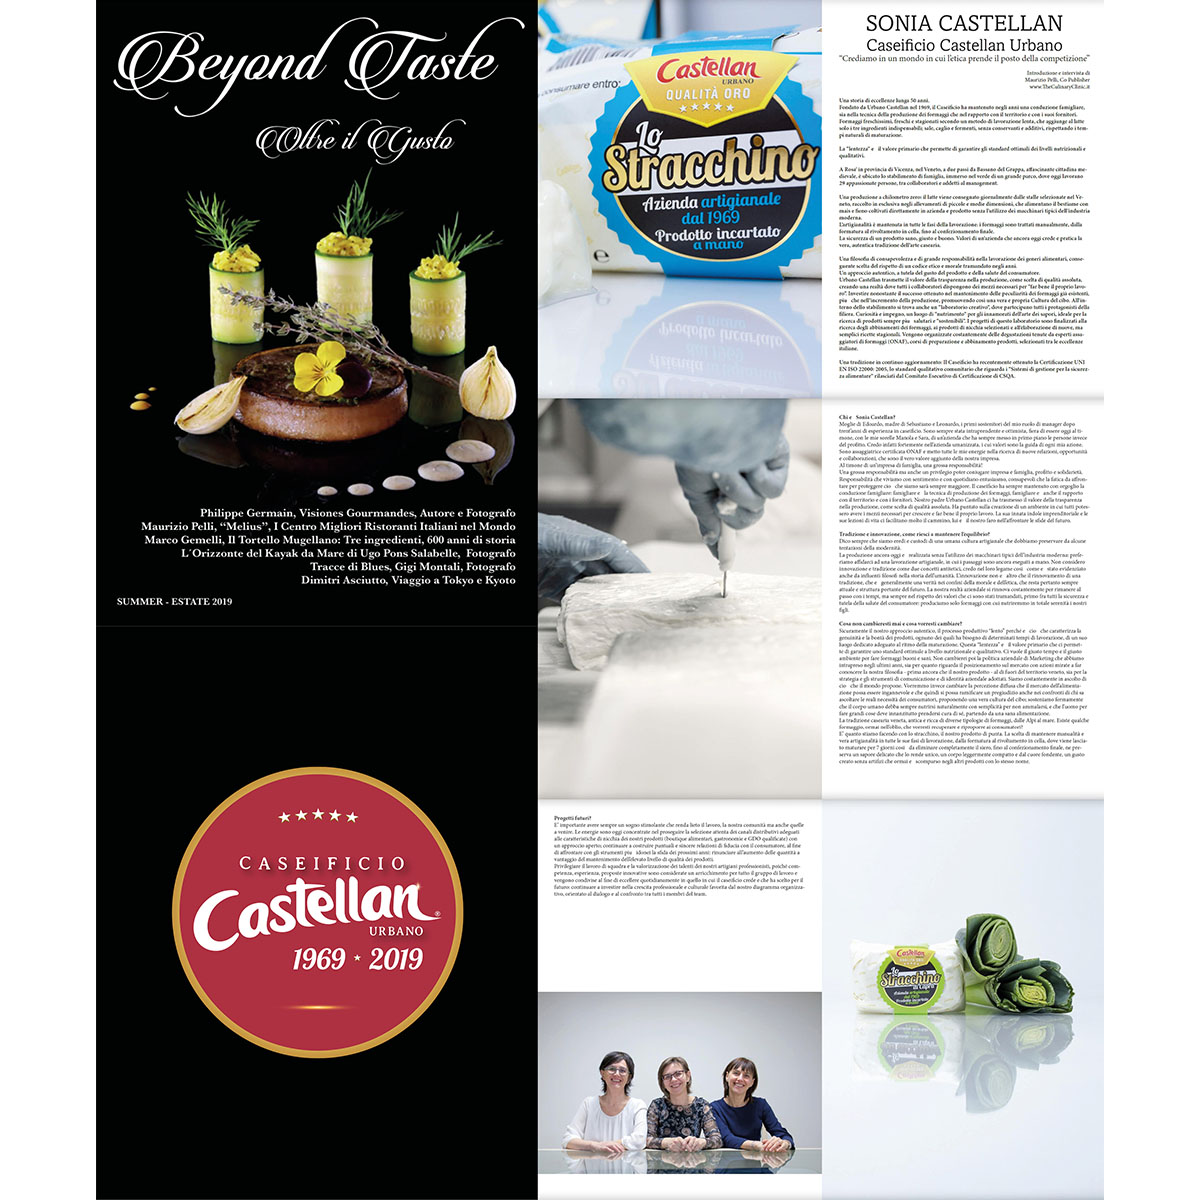 Beyond Taste Oltre il Gusto Magazine Edizione Estate intervista Sonia Castellan